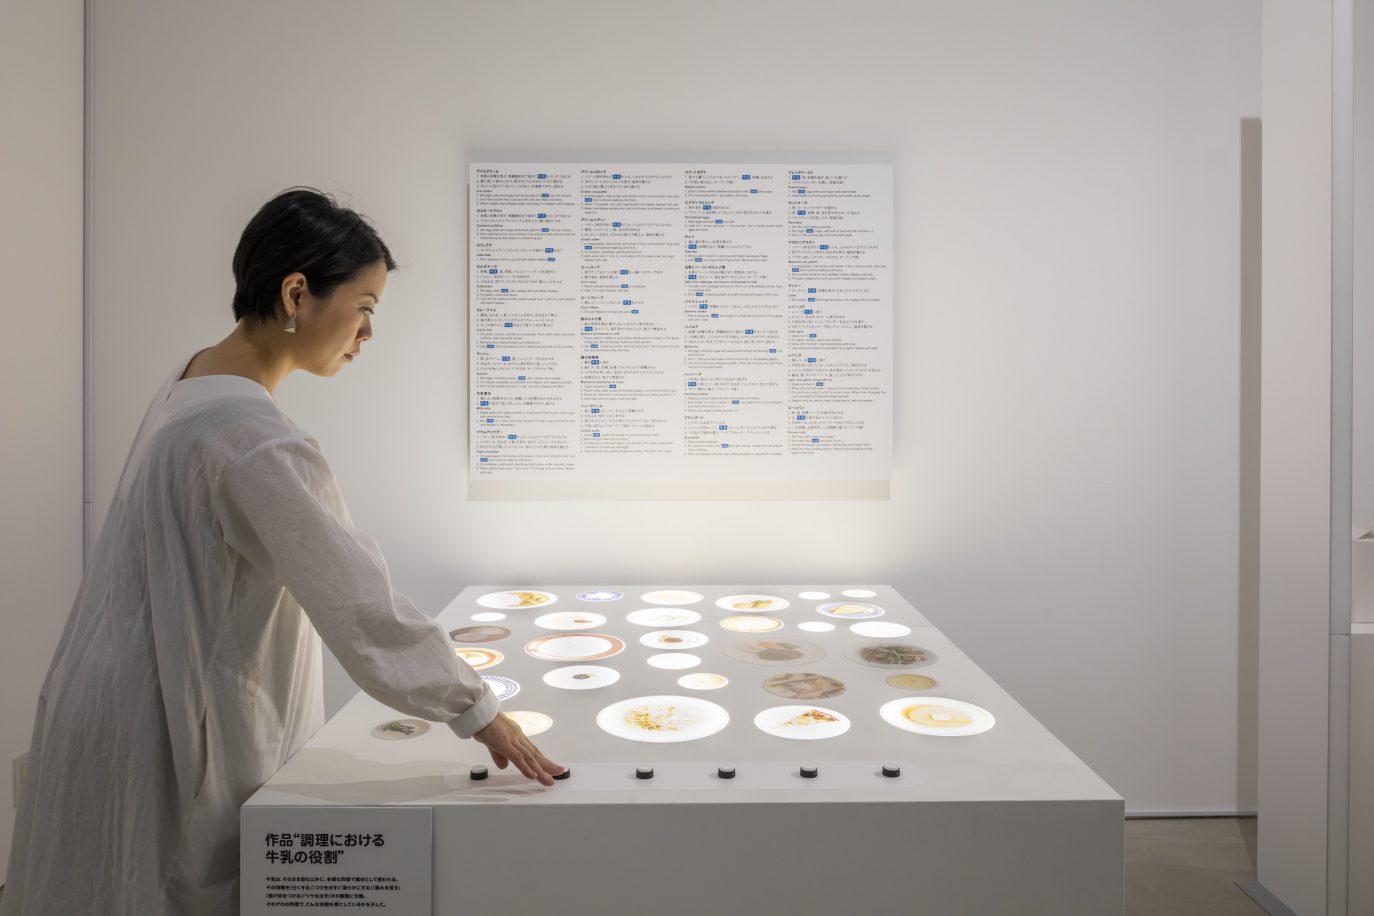 デザインの解剖展のイメージ